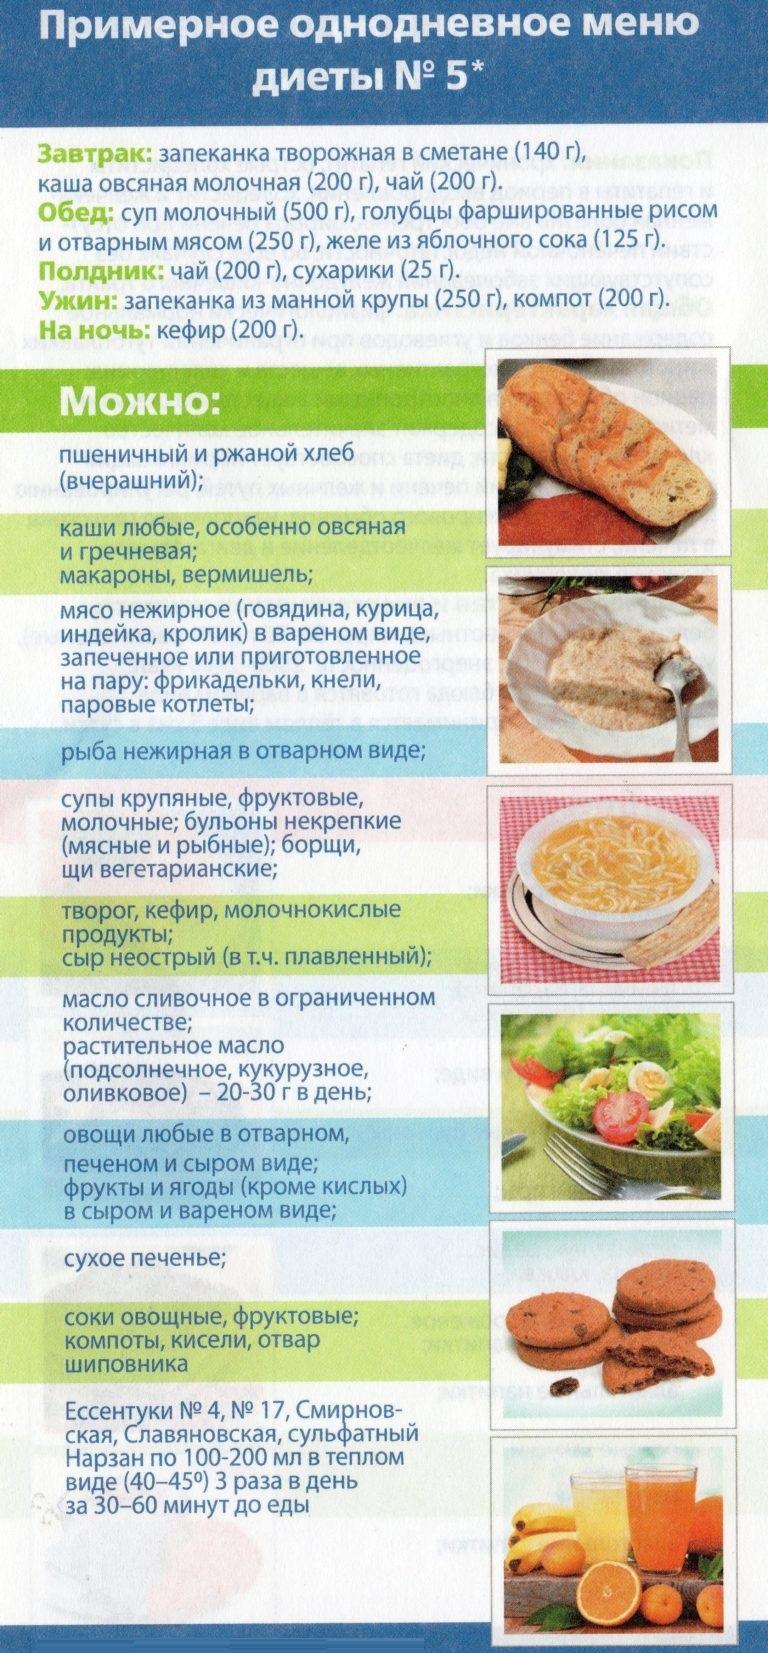 Правильная диета номер 5